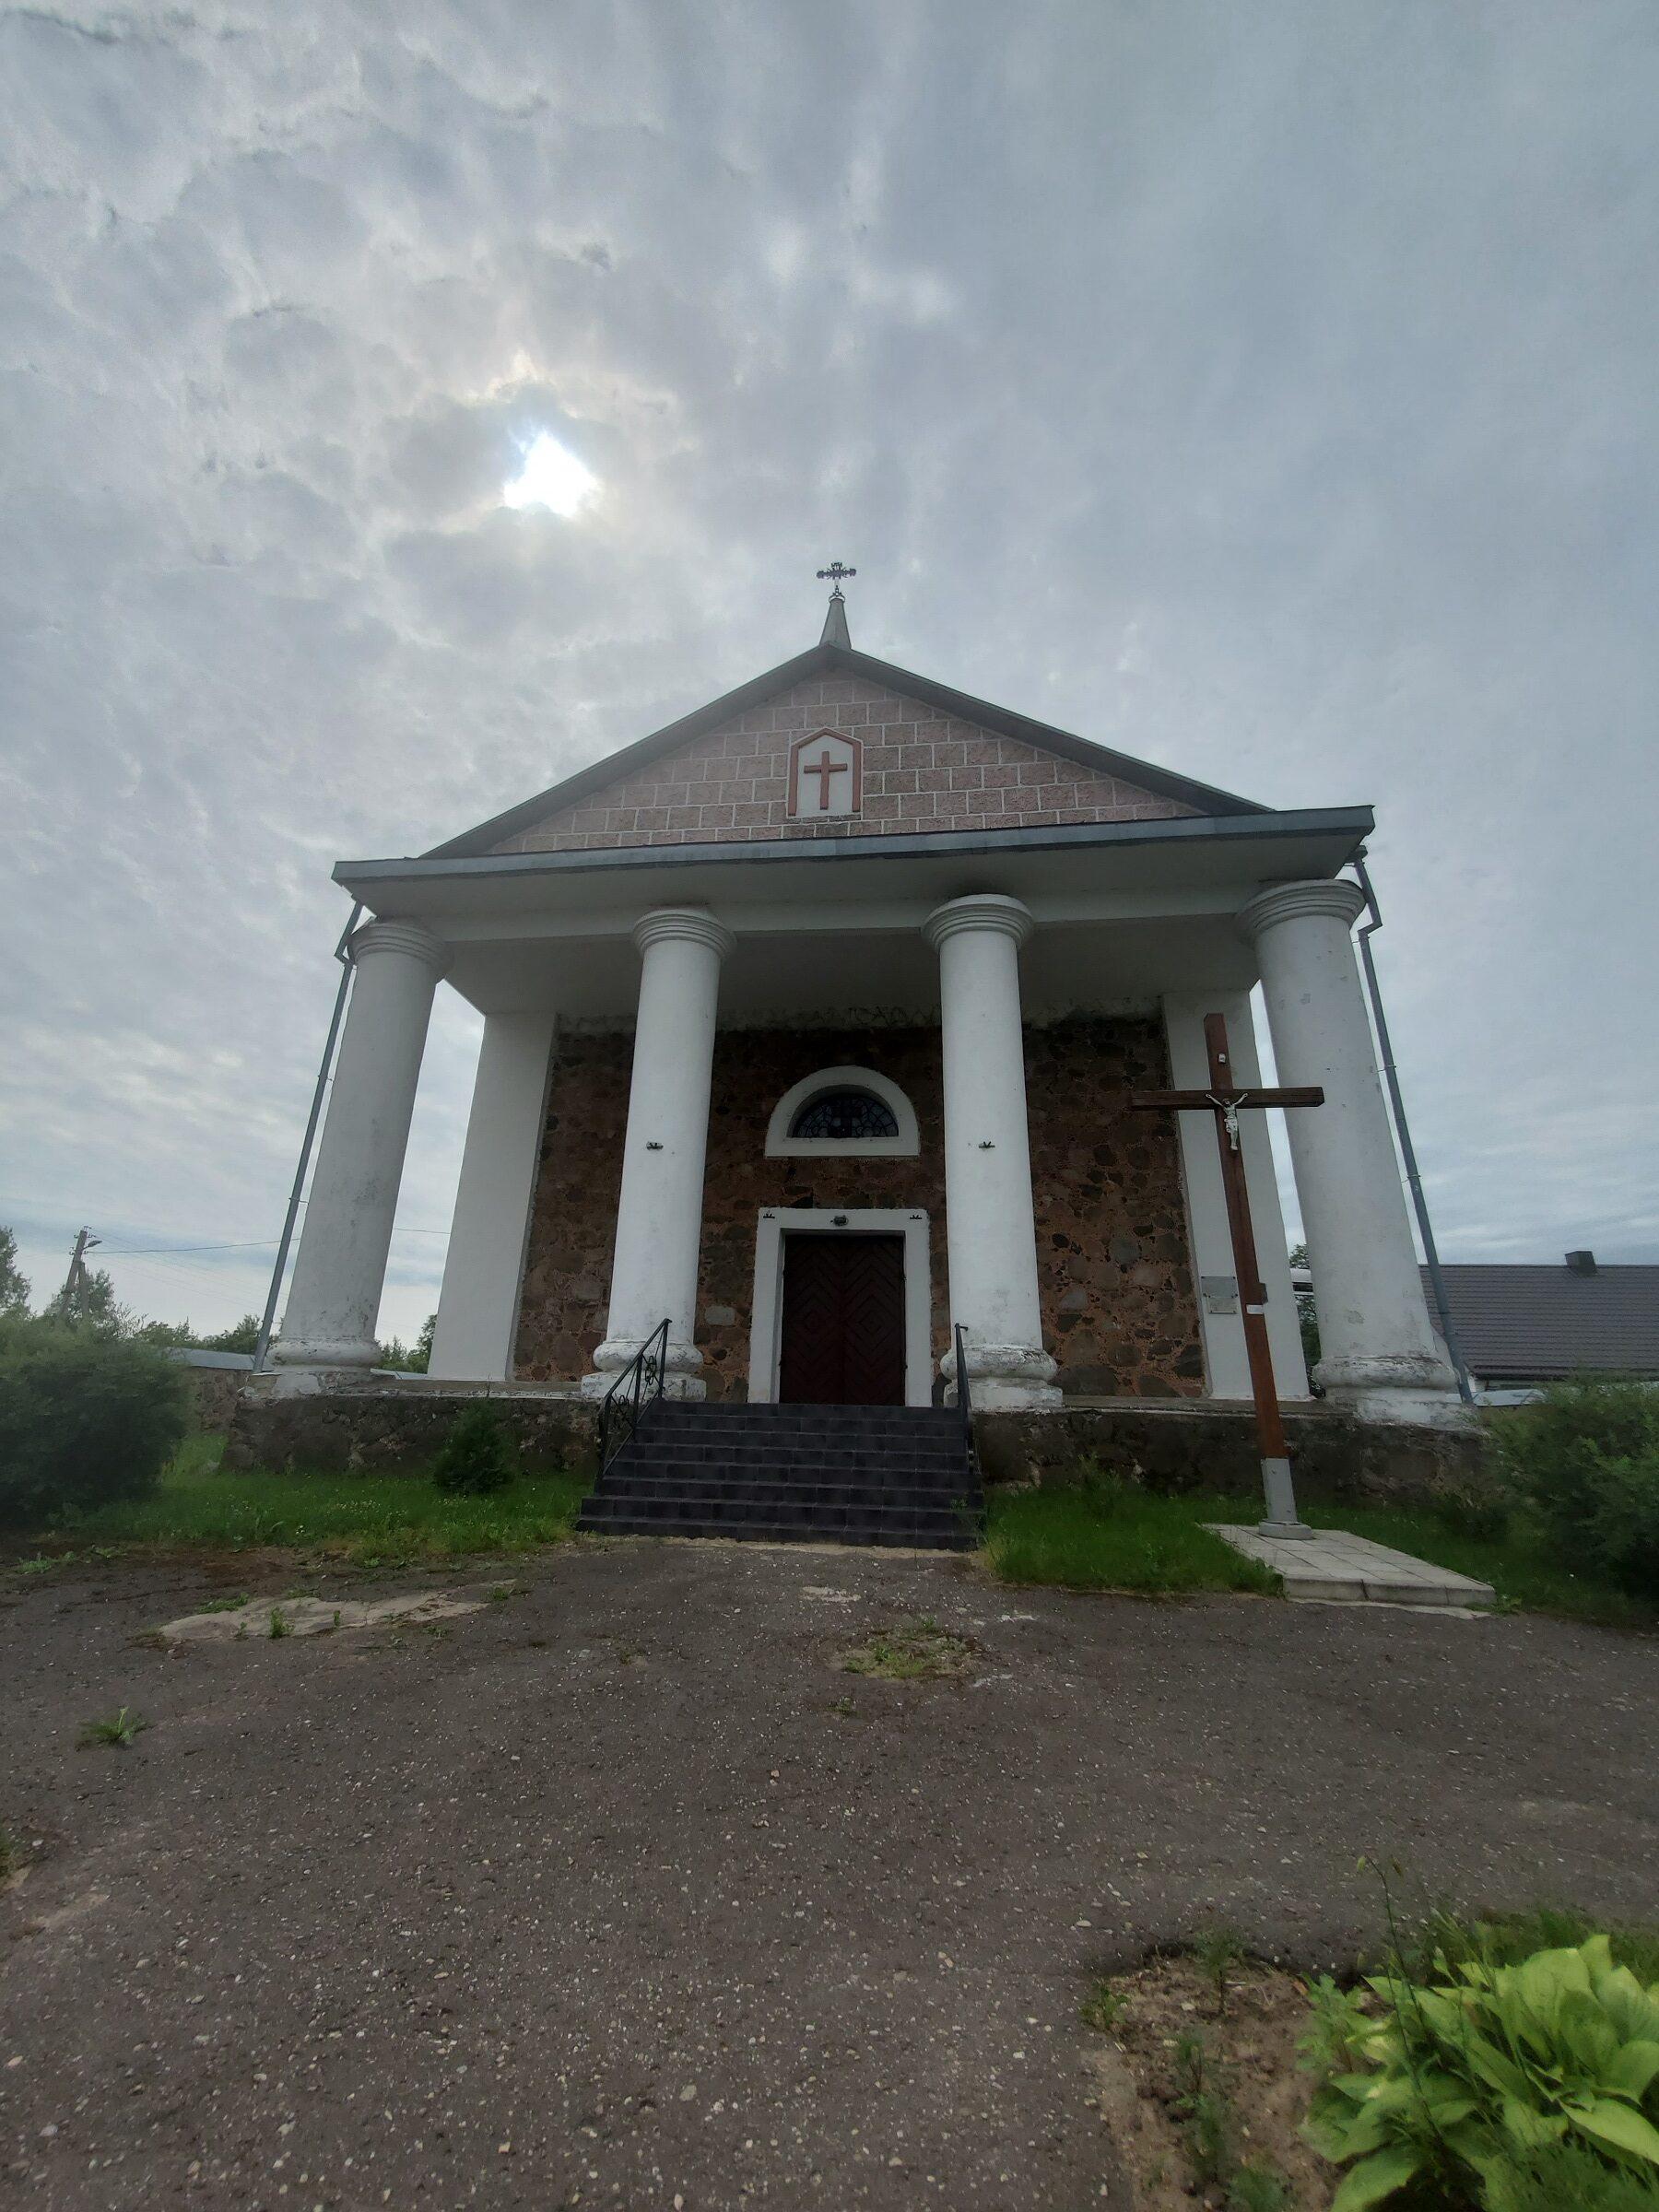 20200703 113417 rotated - Костел Вознесения Девы Марии в Дерковщине